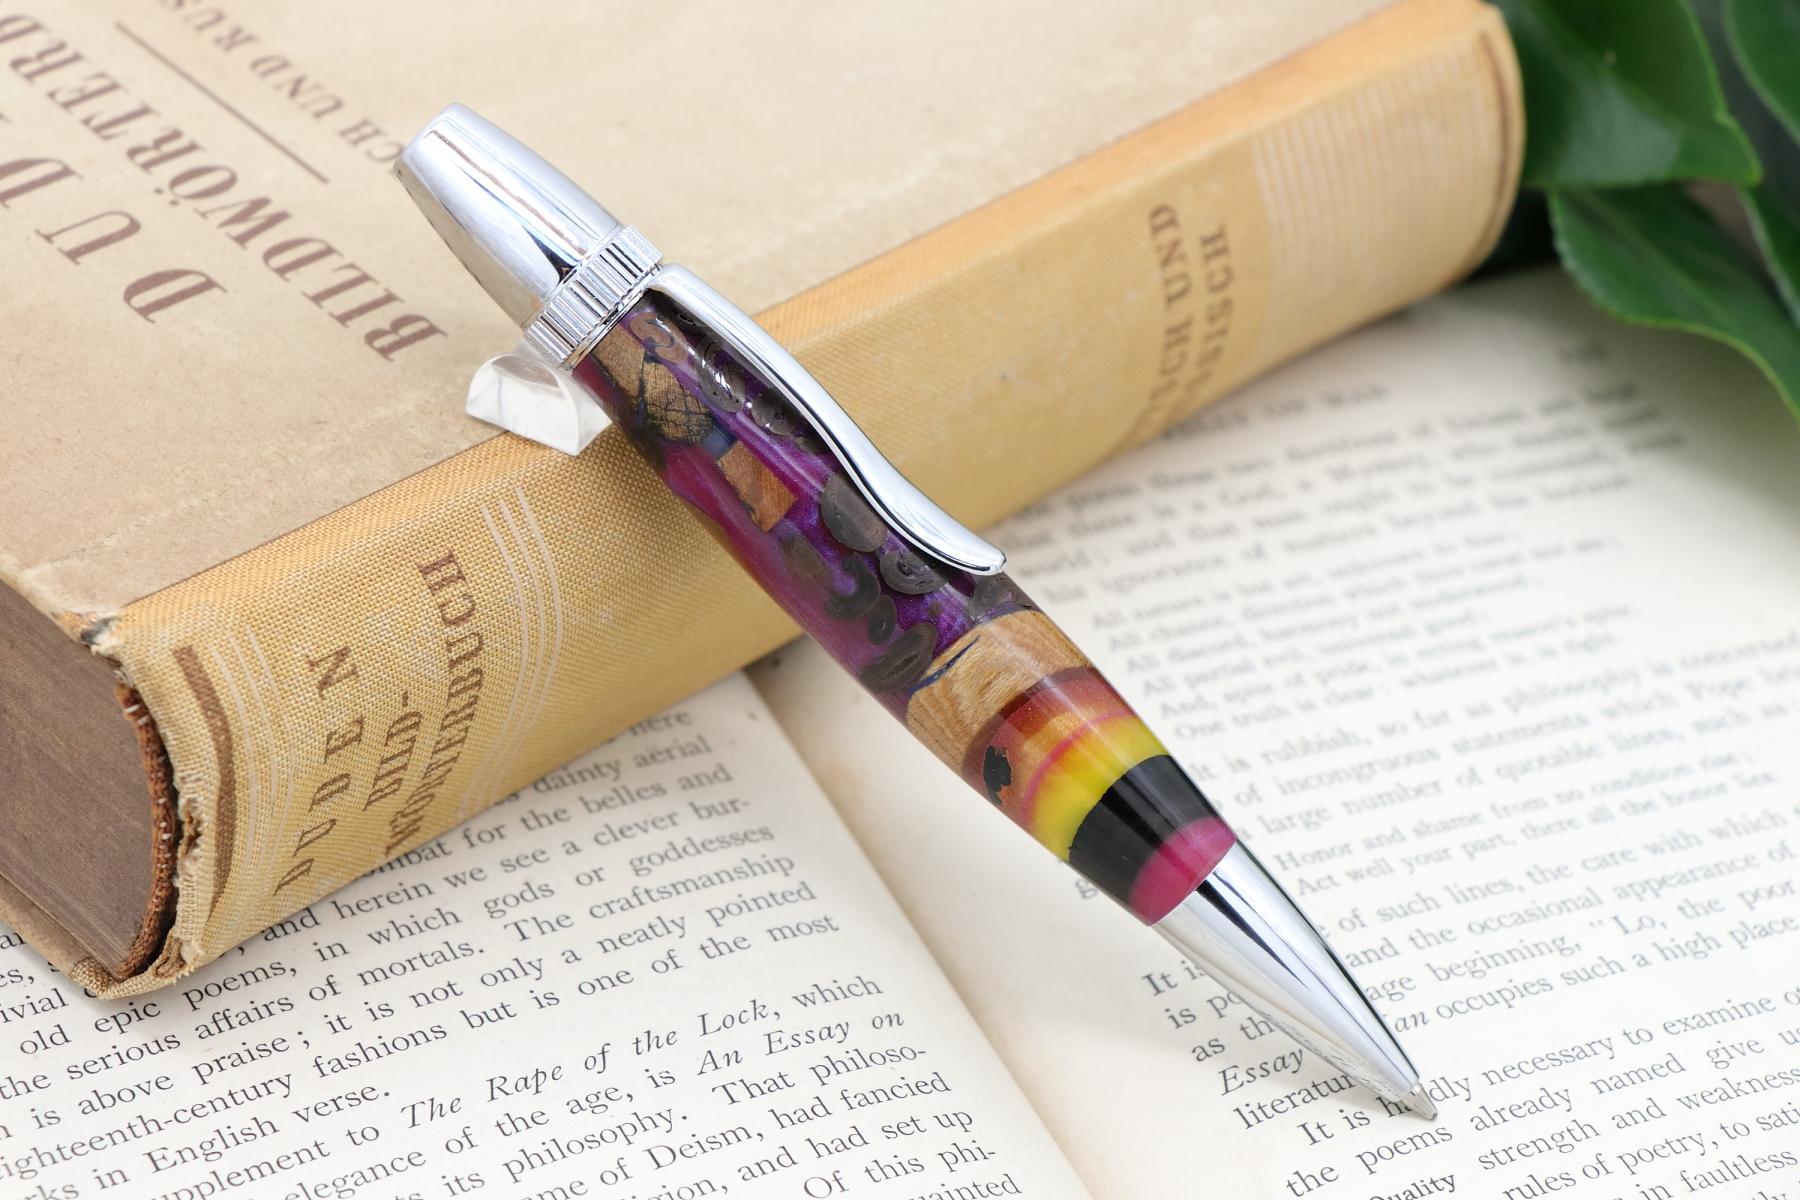 カテドラル生地の新作ボールペンを追加致しました。在庫ありにて販売中です。